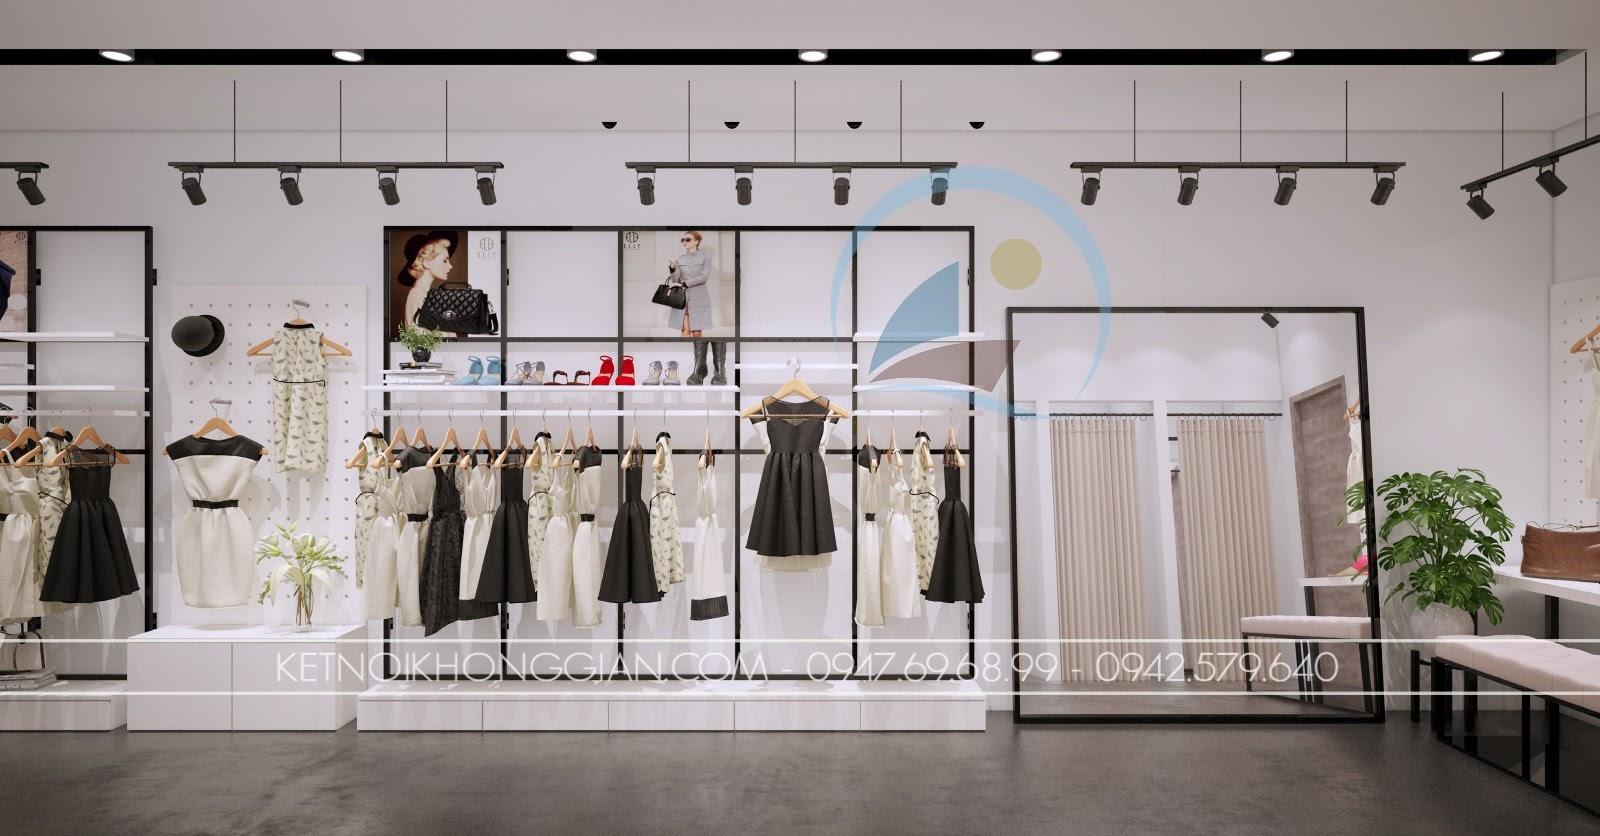 thiết kế shop thời trang giá rẻ nhỏ nhắn